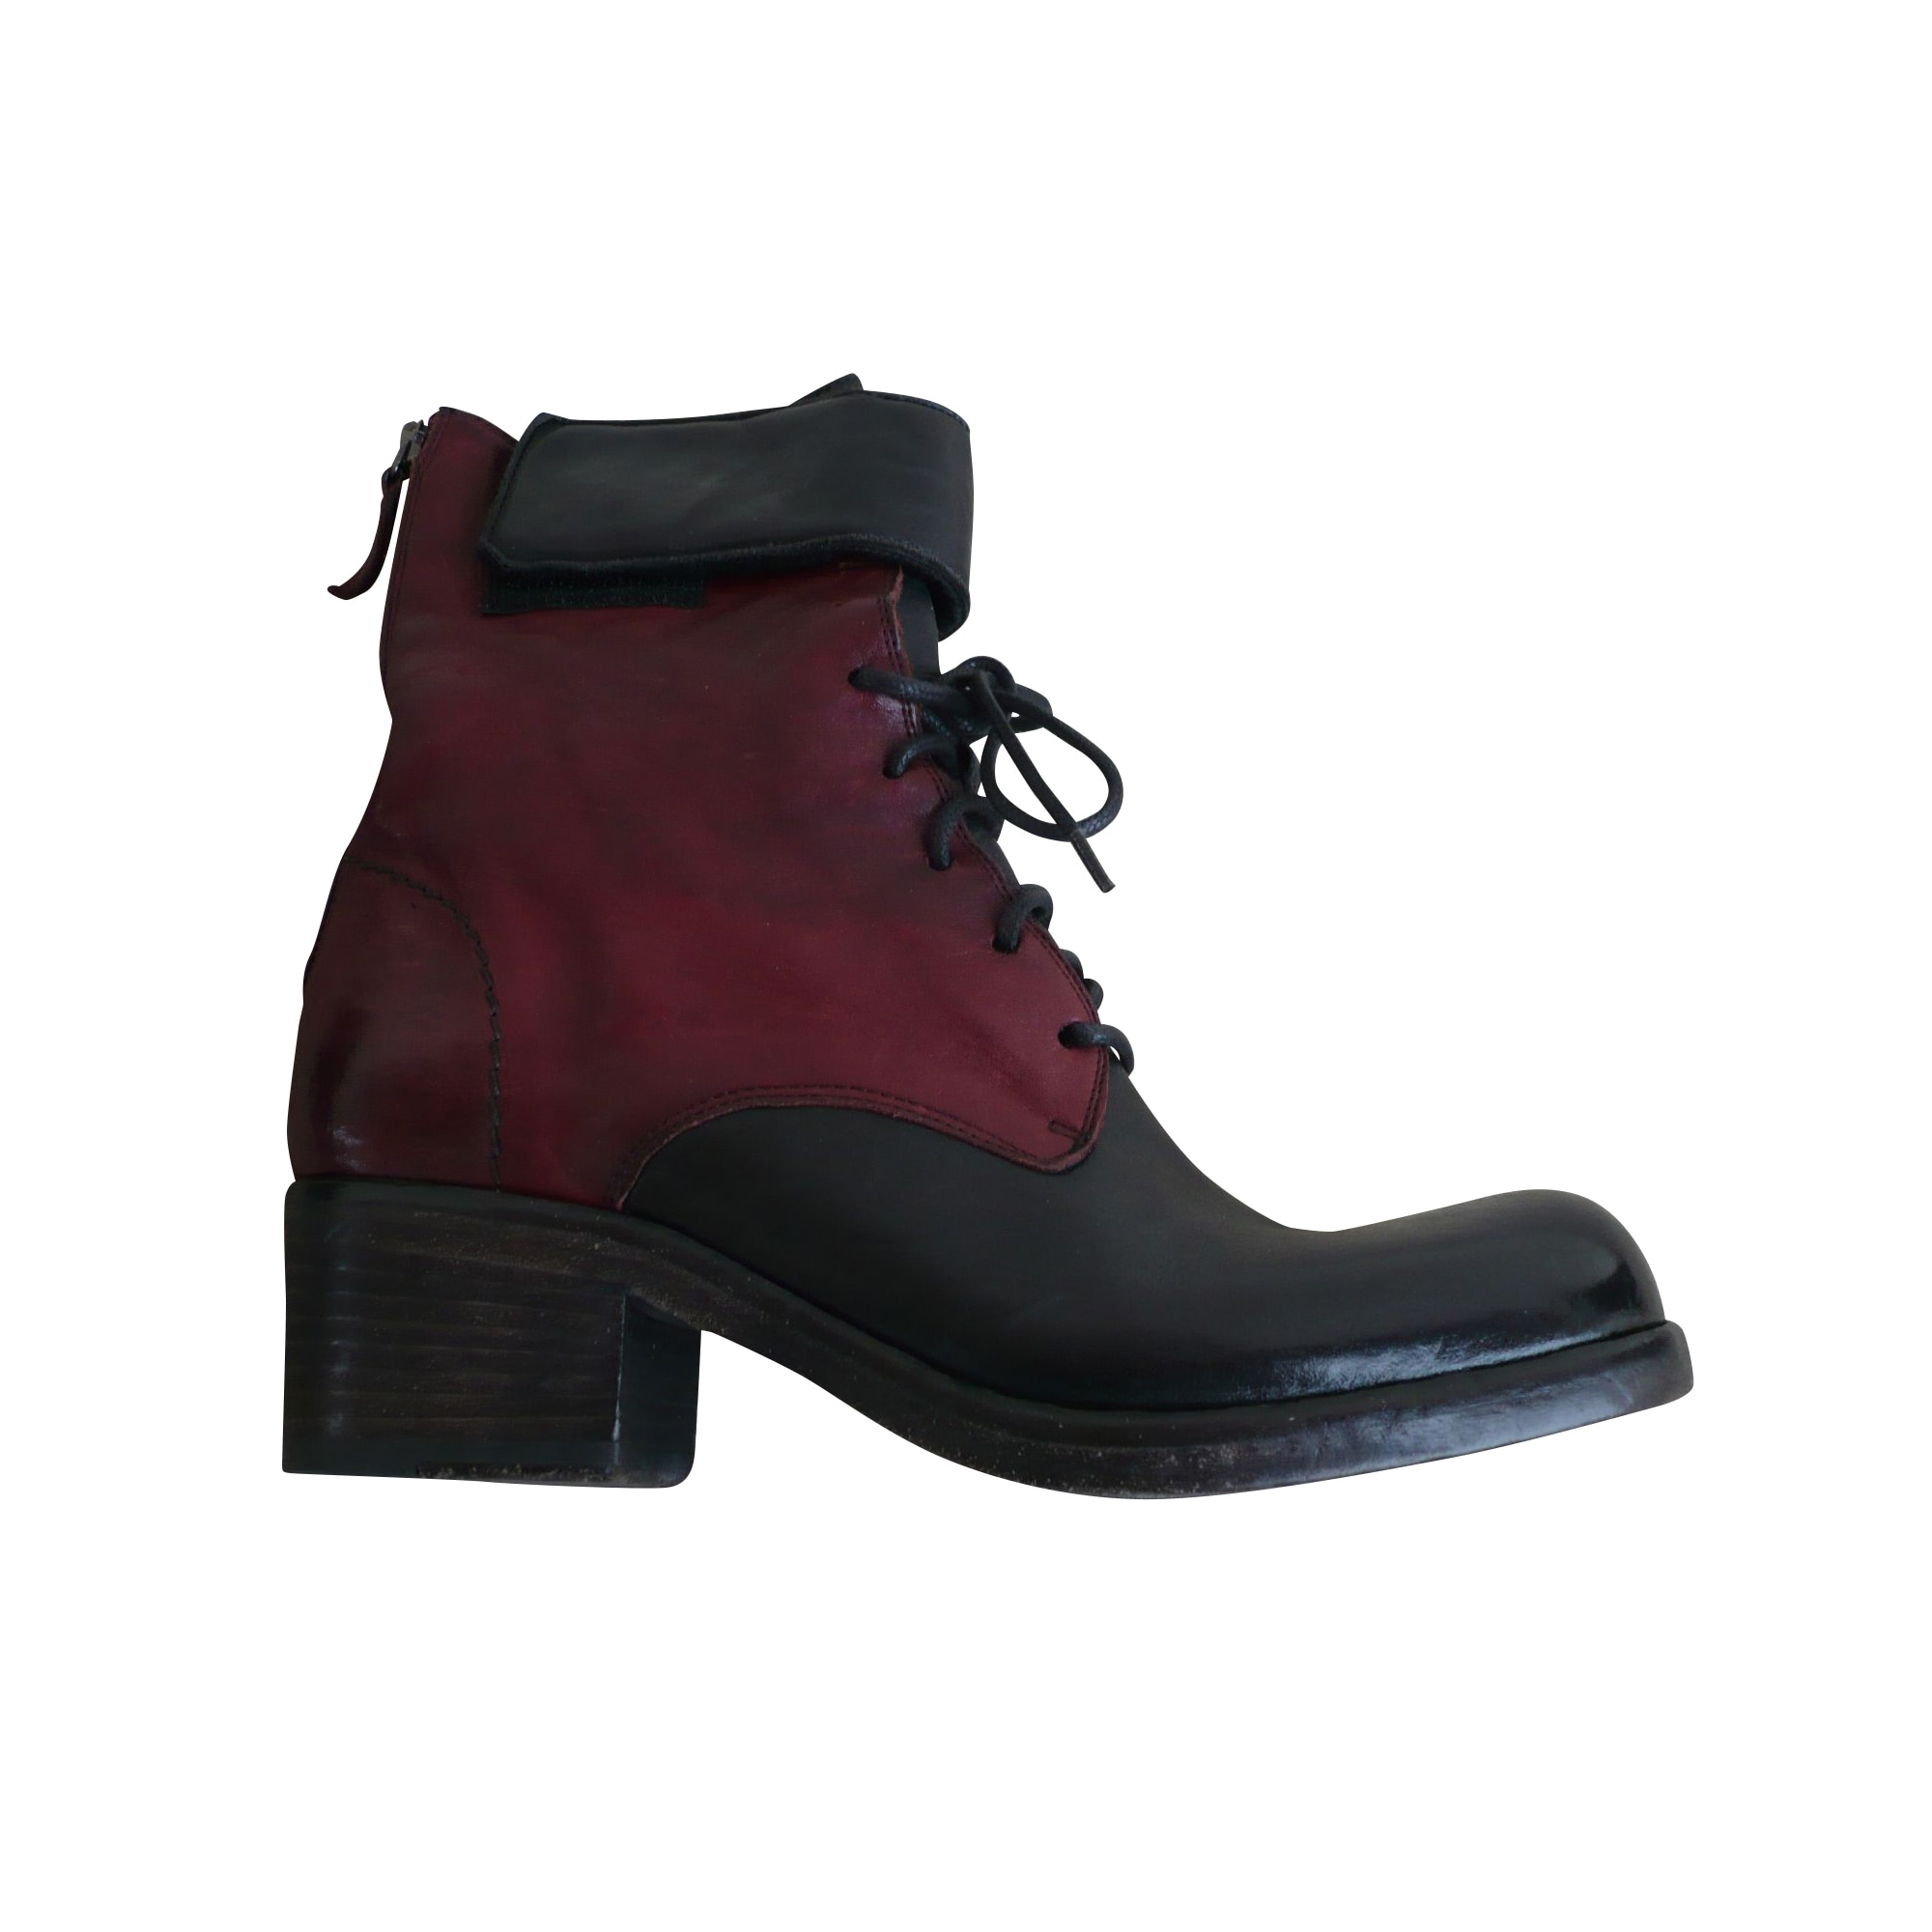 Bottines & low boots à talons VIC MATIÉ Rouge, bordeaux